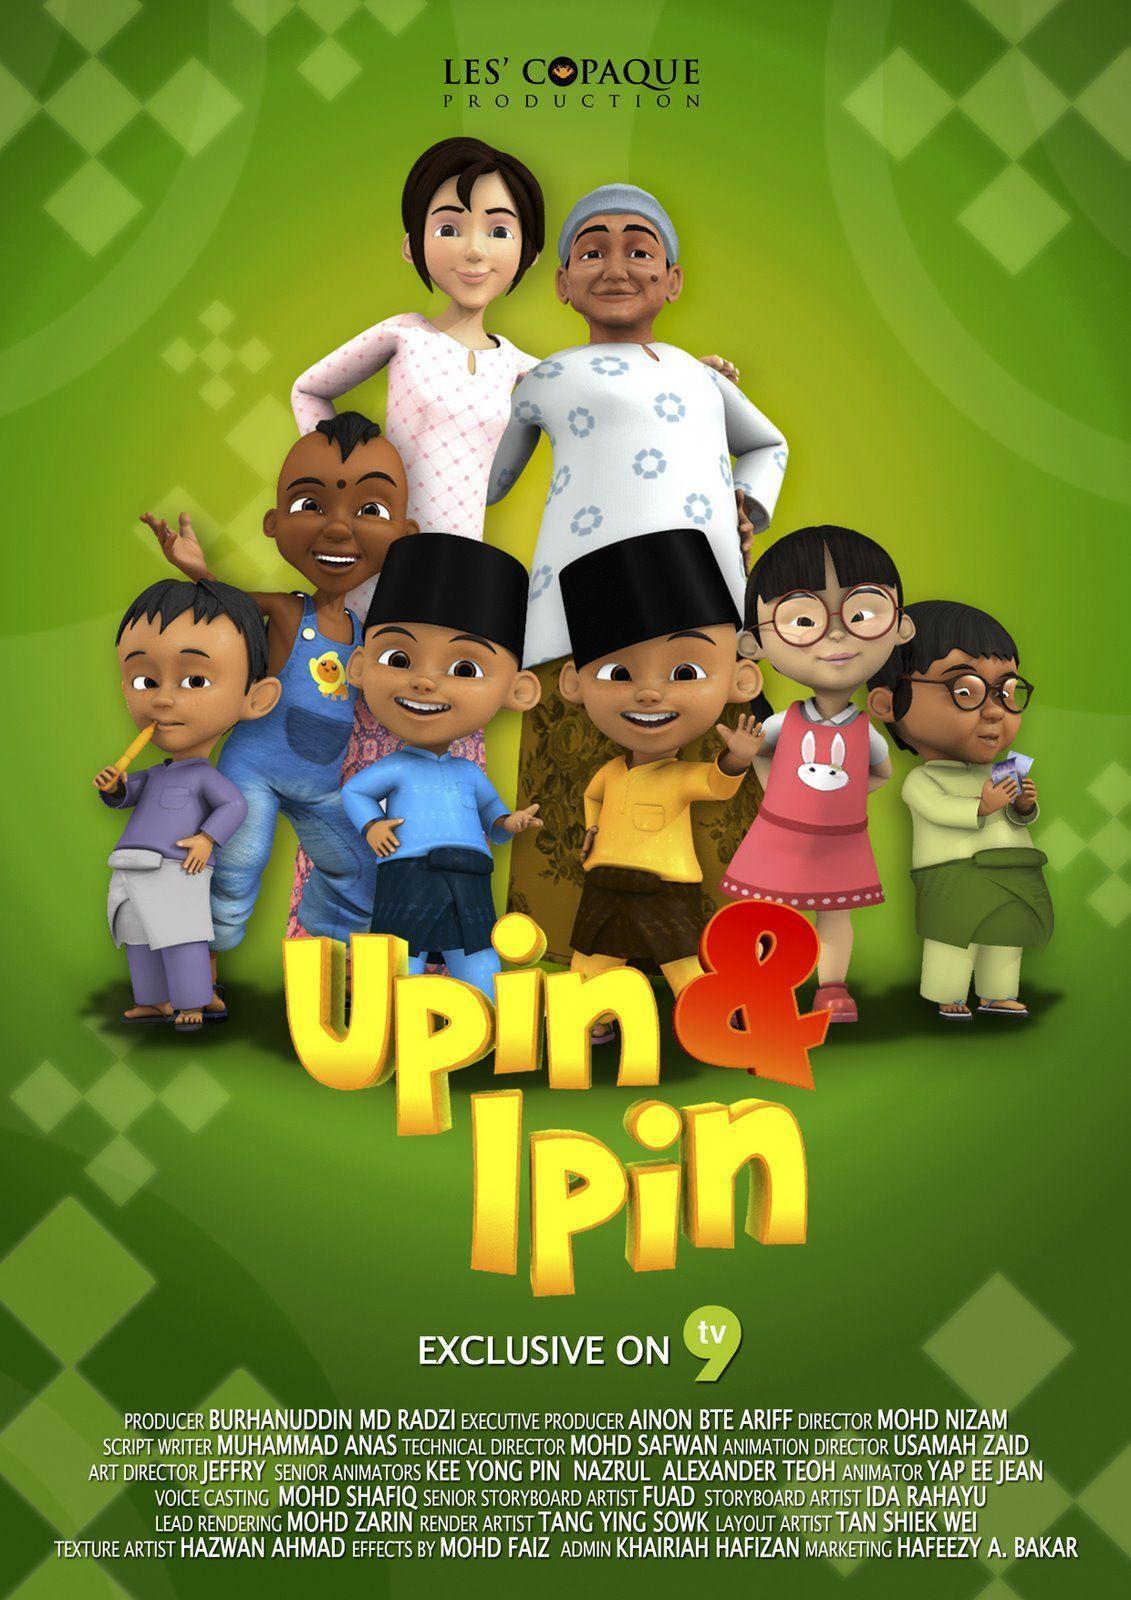 Download Gambar Upin Ipin Keren Gambar Hitam Hd